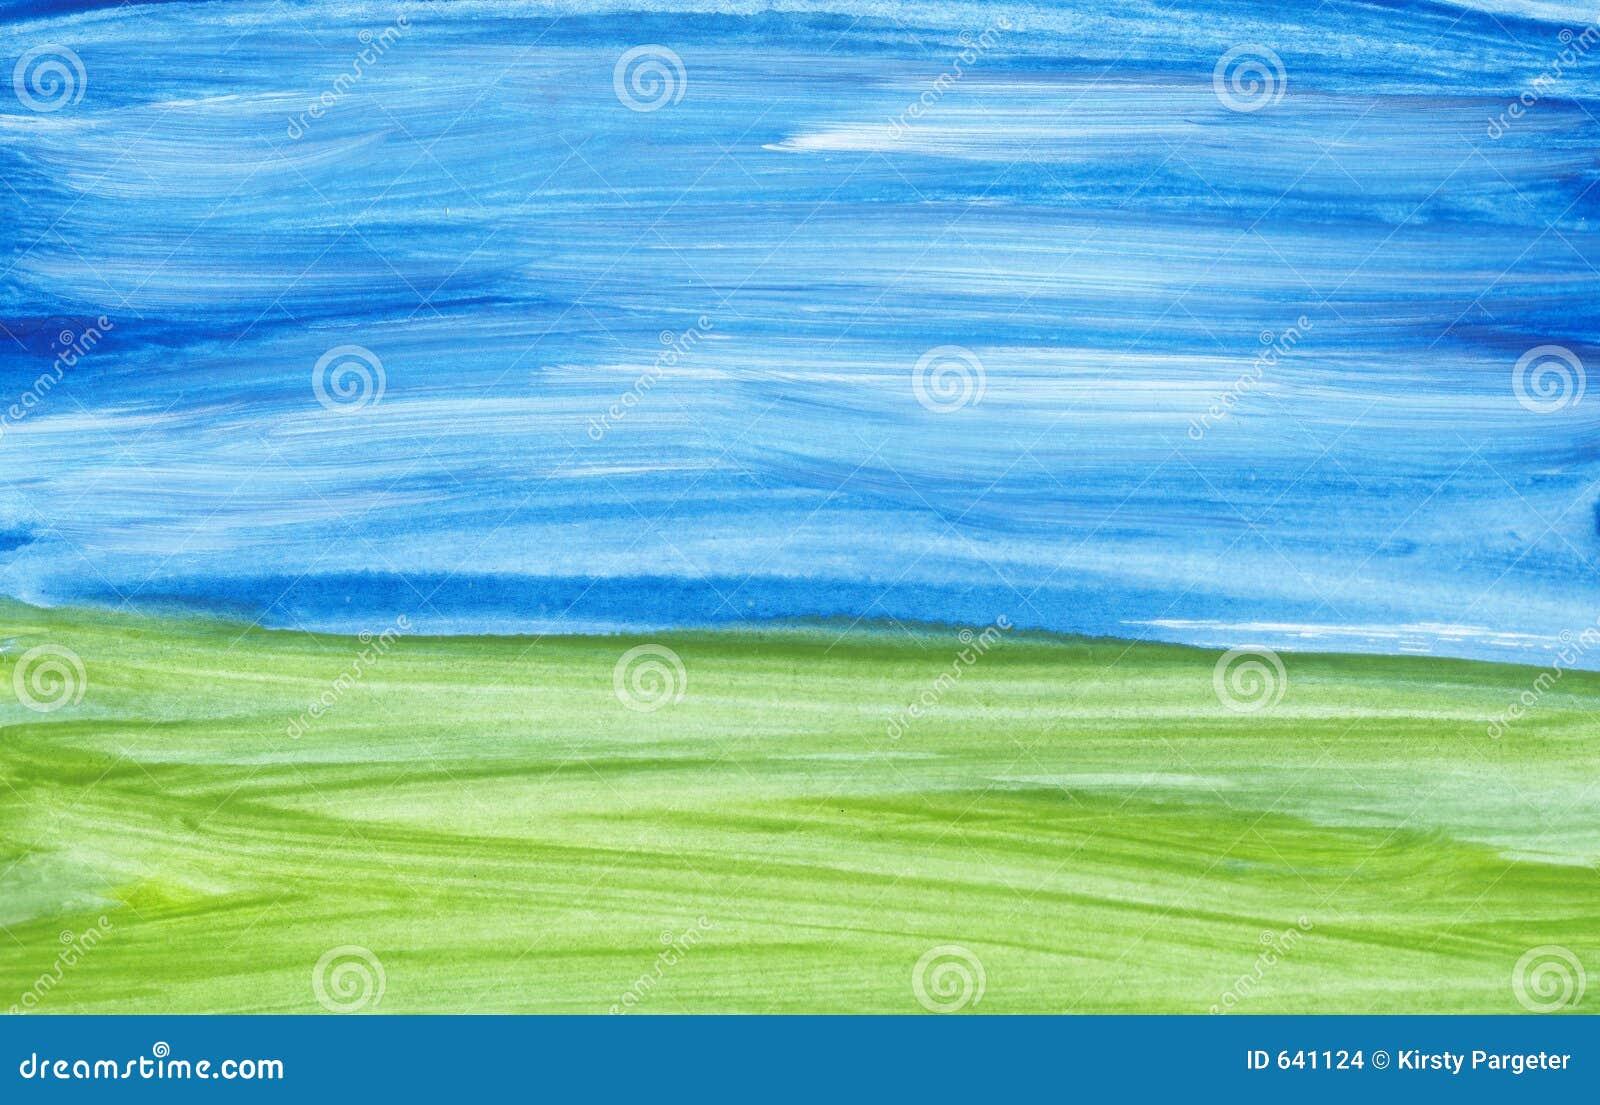 Paisaje pintado a mano imagenes de archivo imagen 641124 - Papel pintado paisaje ...